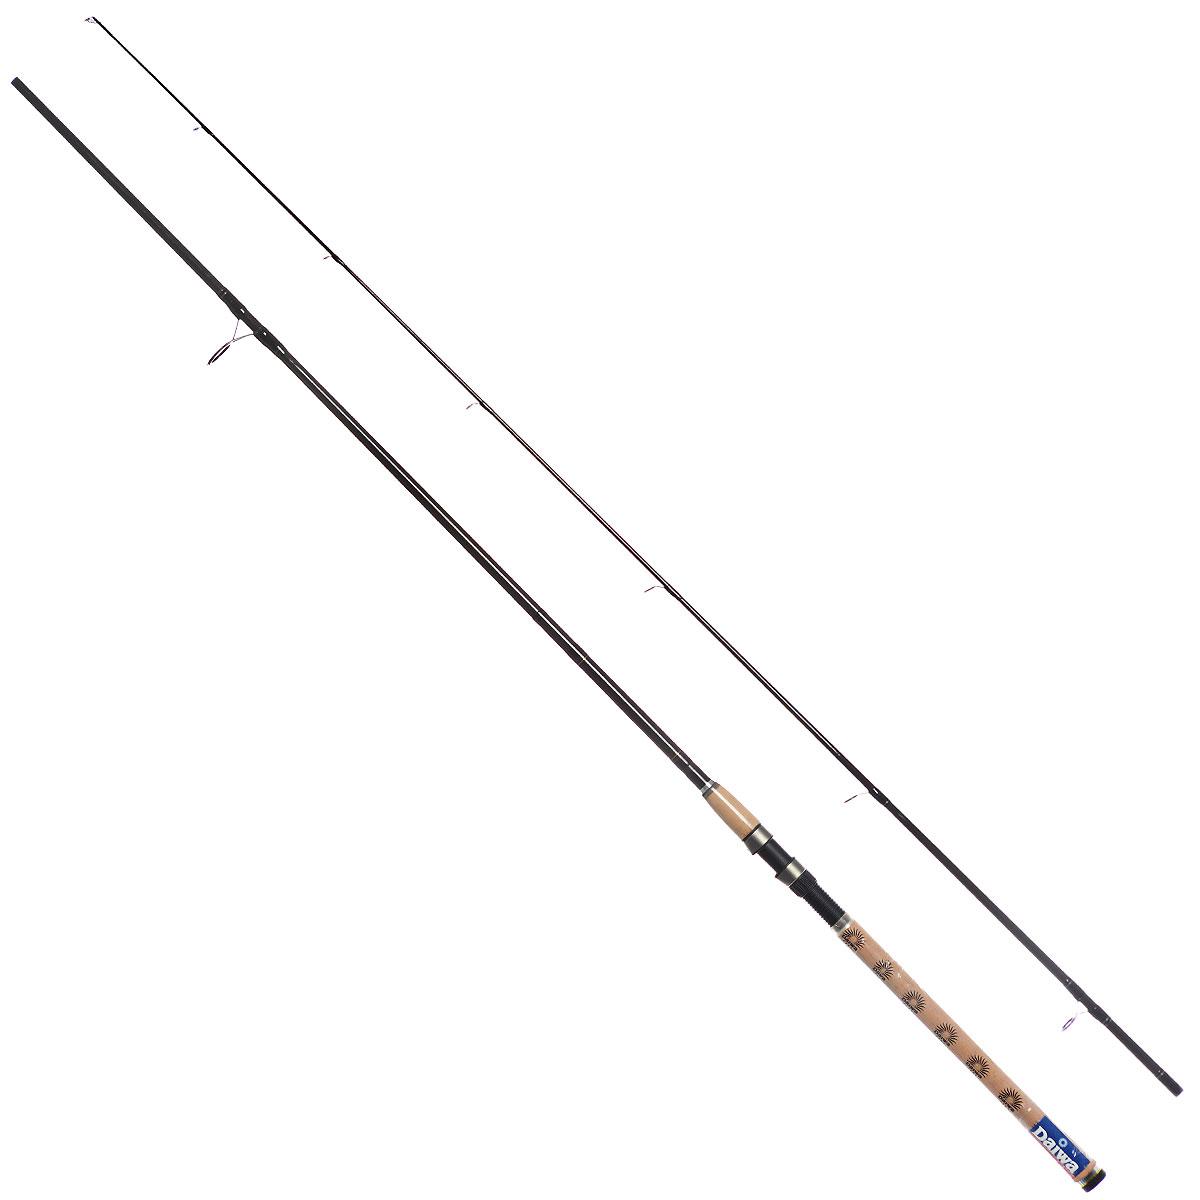 Удилище спиннинговое Daiwa Regal, штекерное, цвет: черный, 2,78 м, 10-40 г